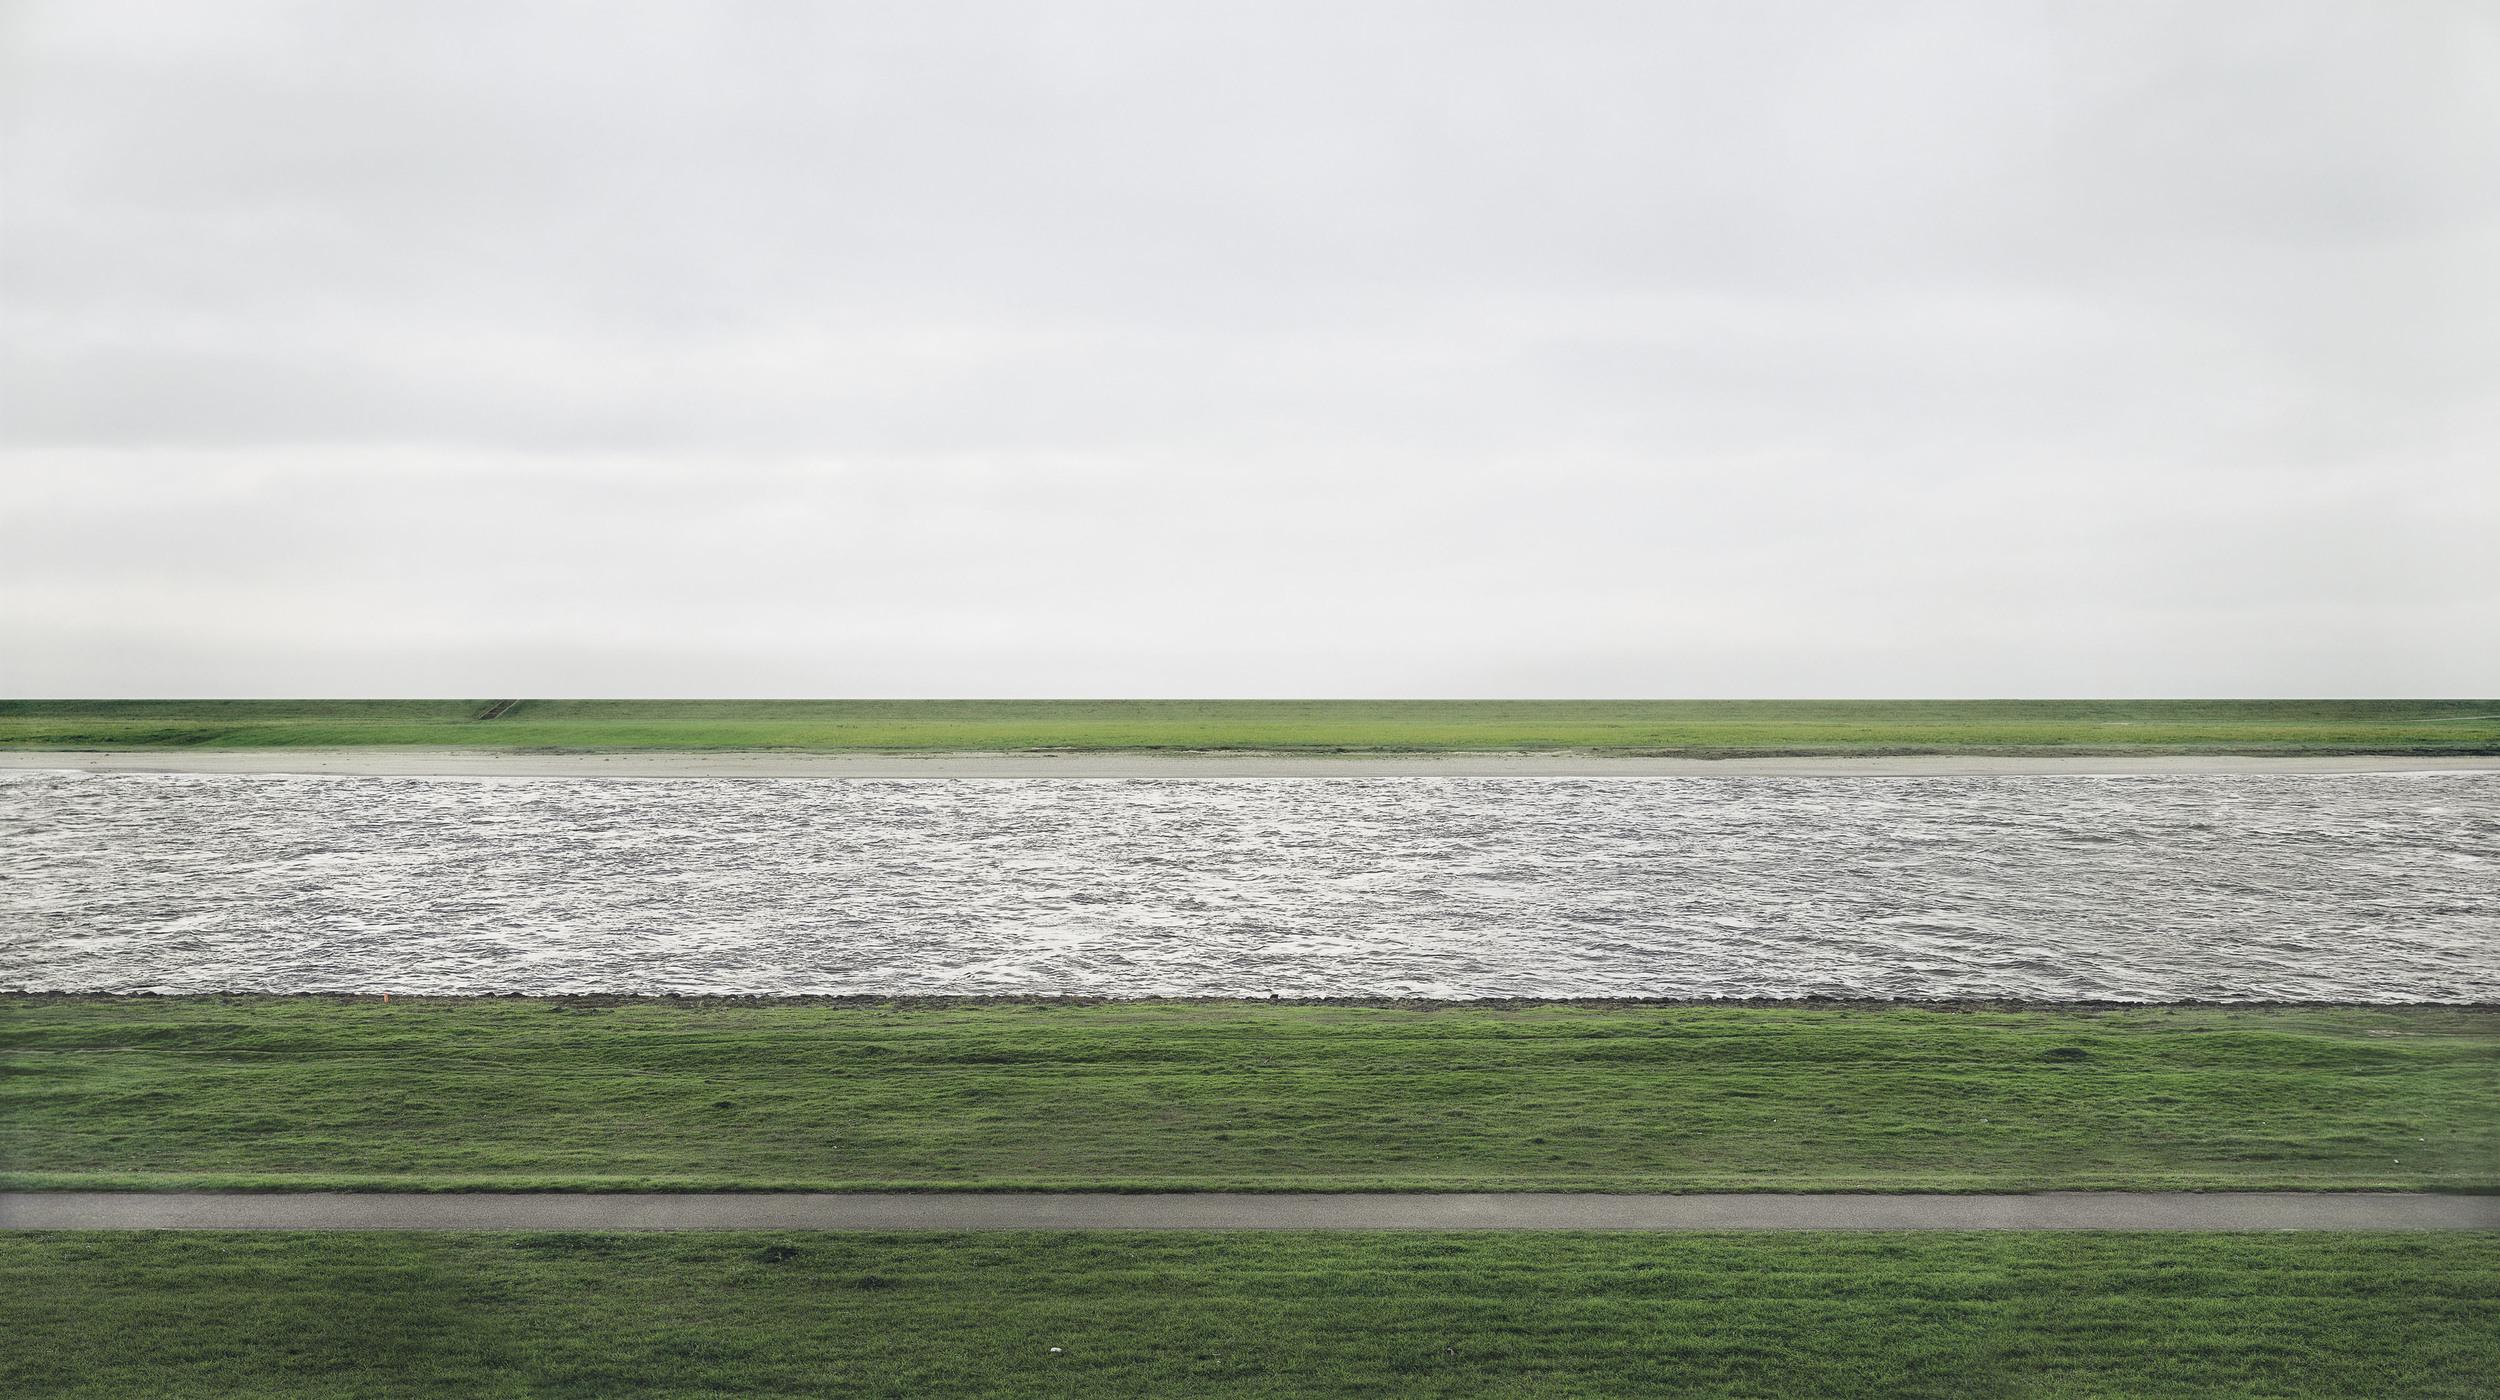 Andreas Gursky, The Rhine II , 1999